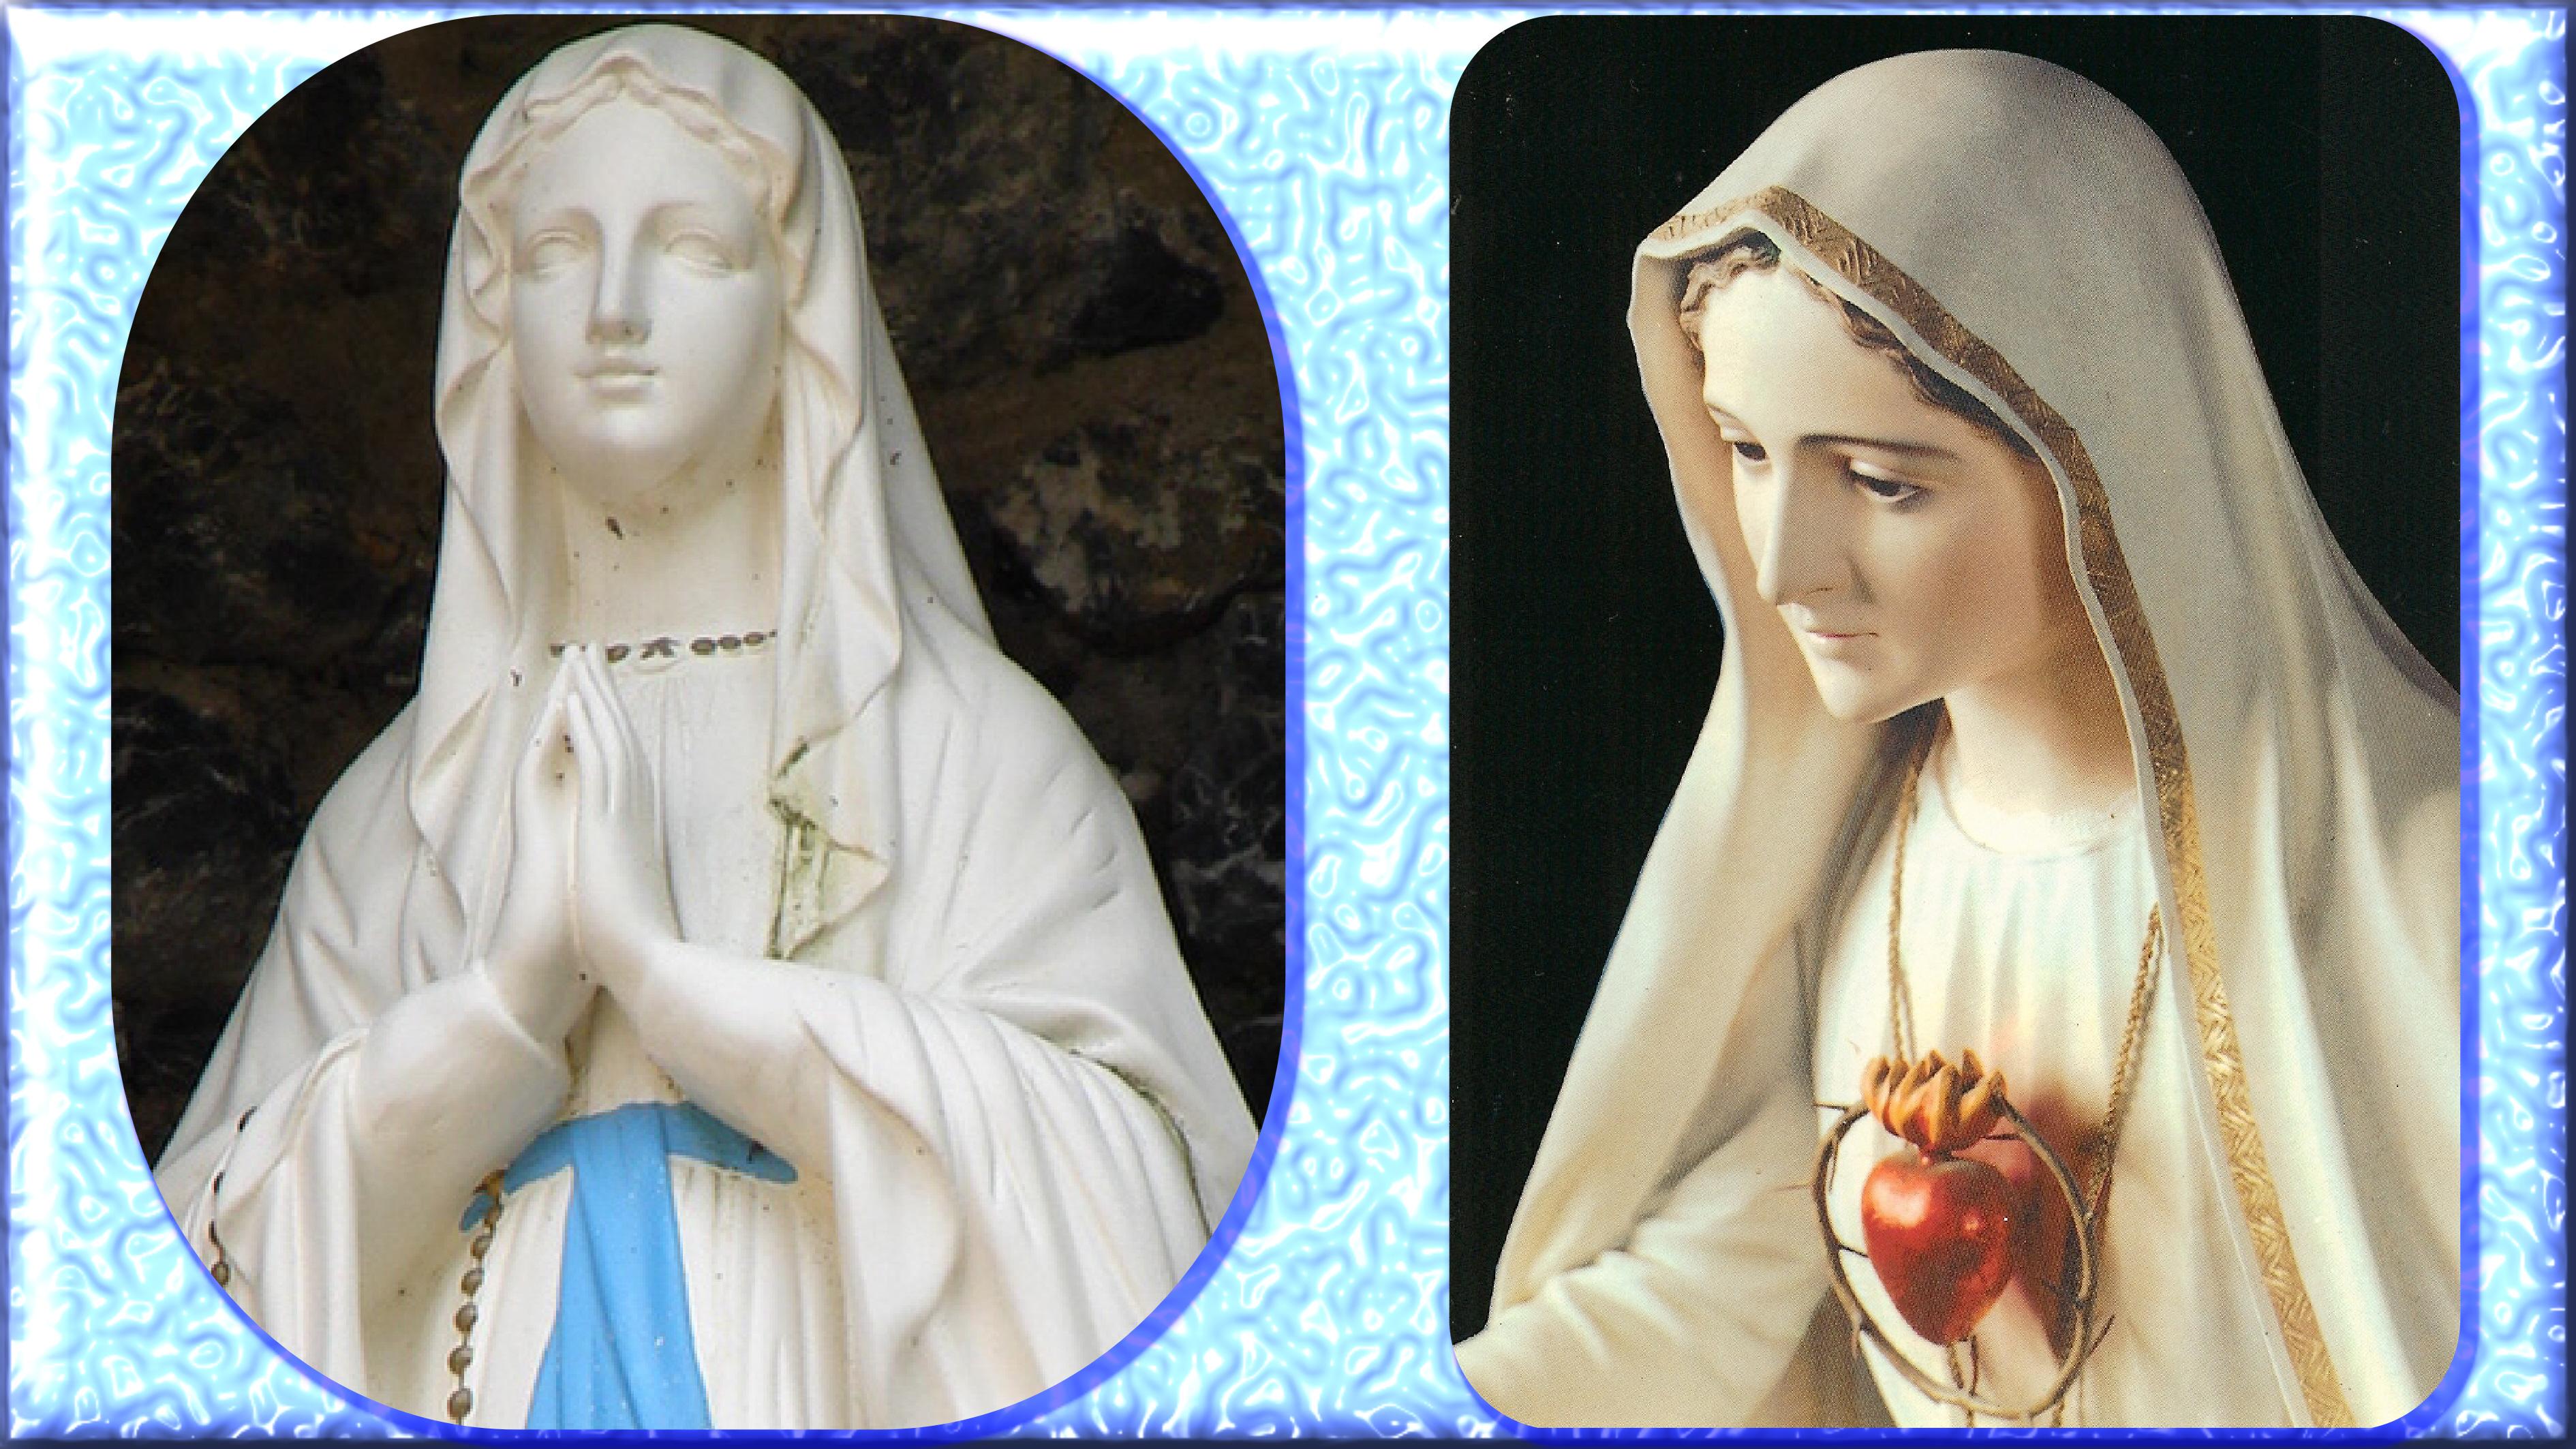 CALENDRIER CATHOLIQUE 2020 (Cantiques, Prières & Images) - Page 13 Notre-dame-de-lou...ima-bis--5753acf